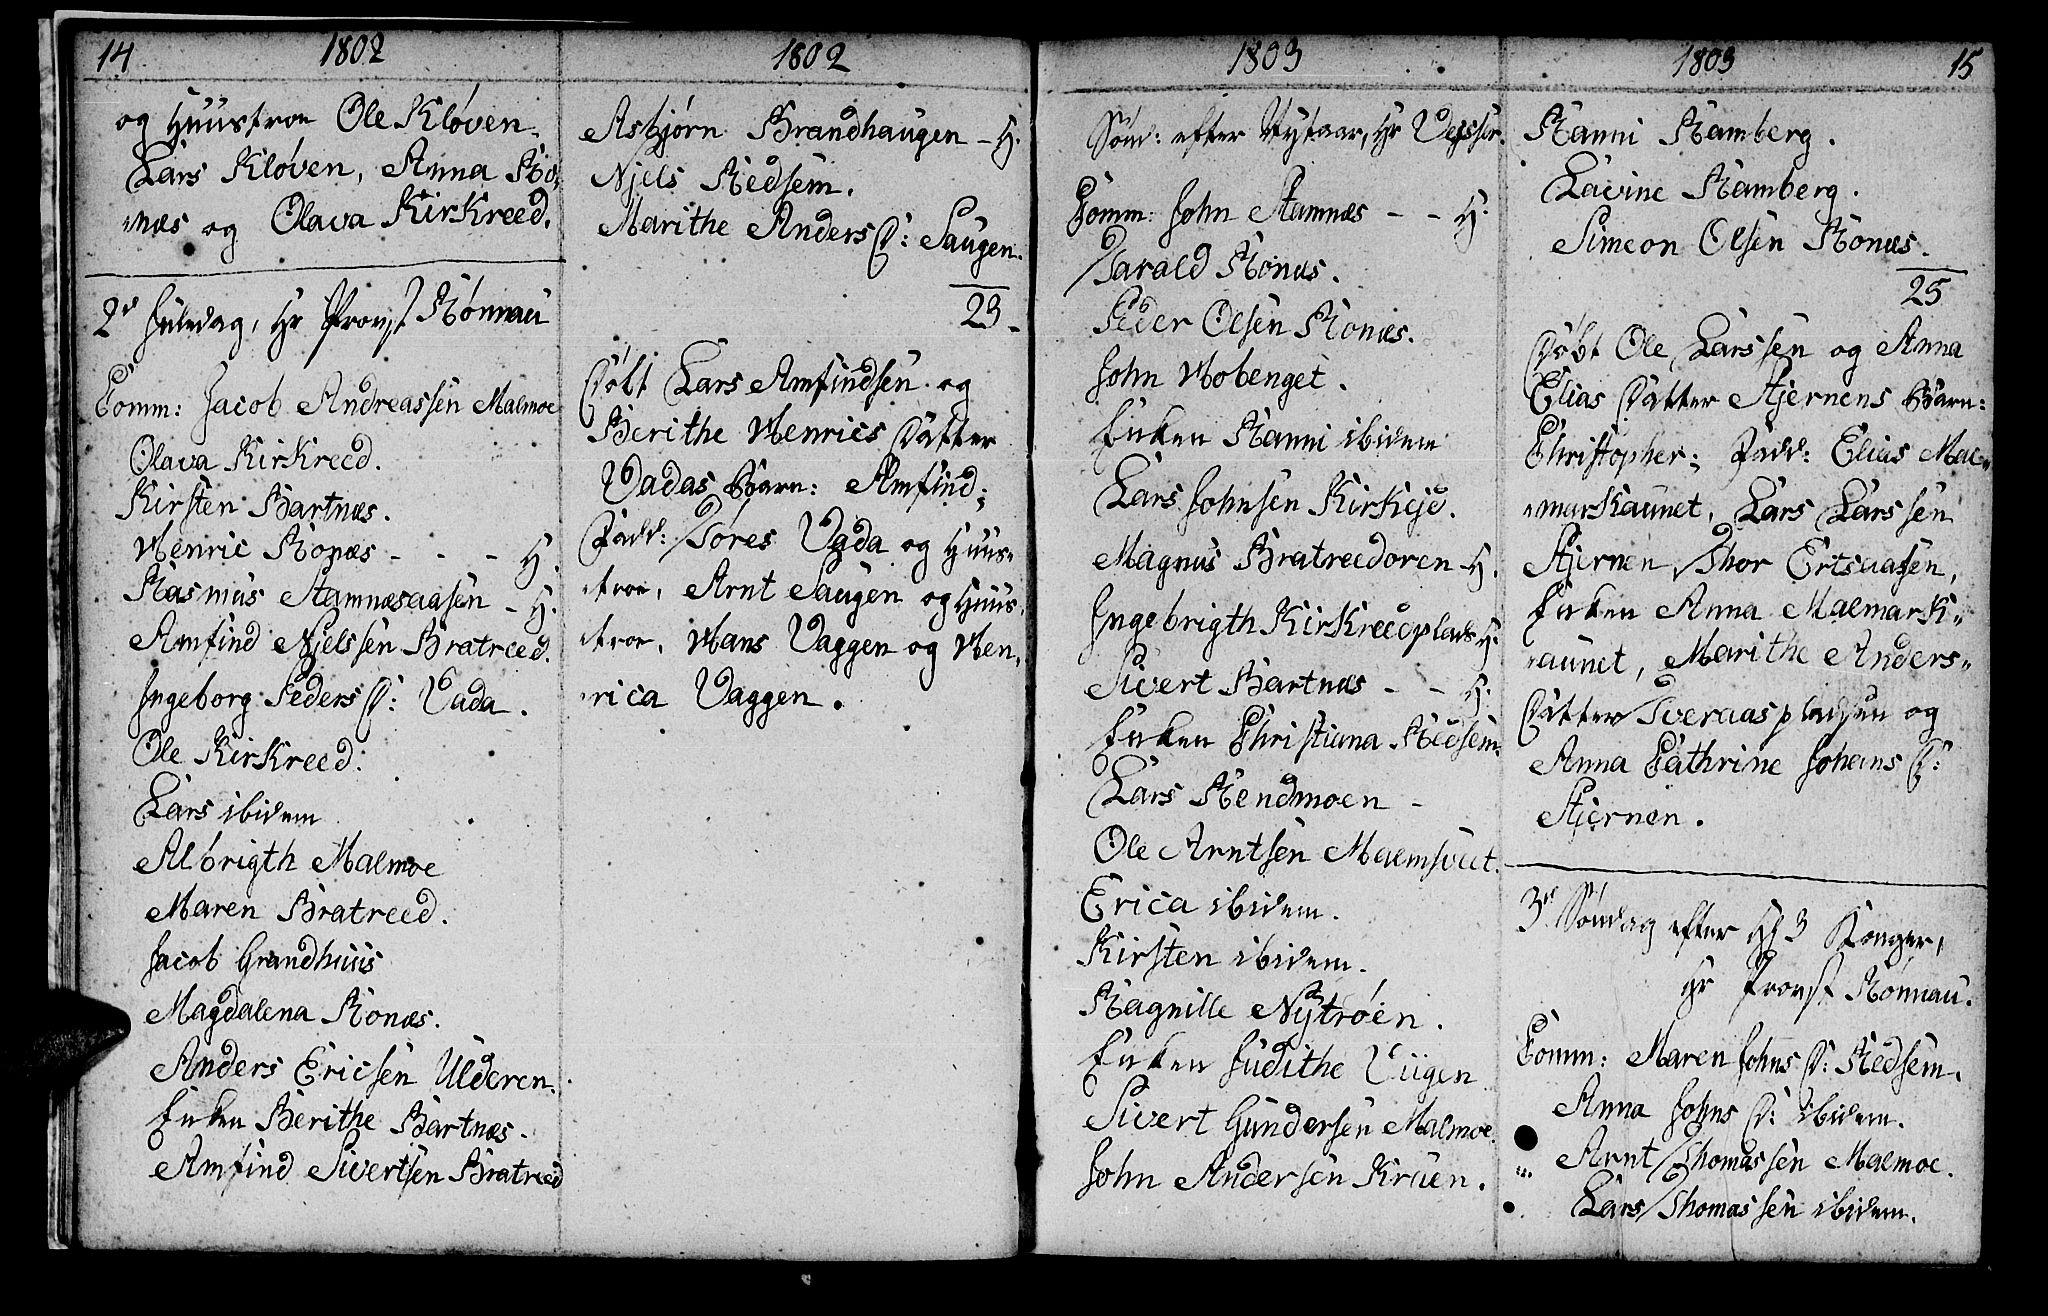 SAT, Ministerialprotokoller, klokkerbøker og fødselsregistre - Nord-Trøndelag, 745/L0432: Klokkerbok nr. 745C01, 1802-1814, s. 14-15